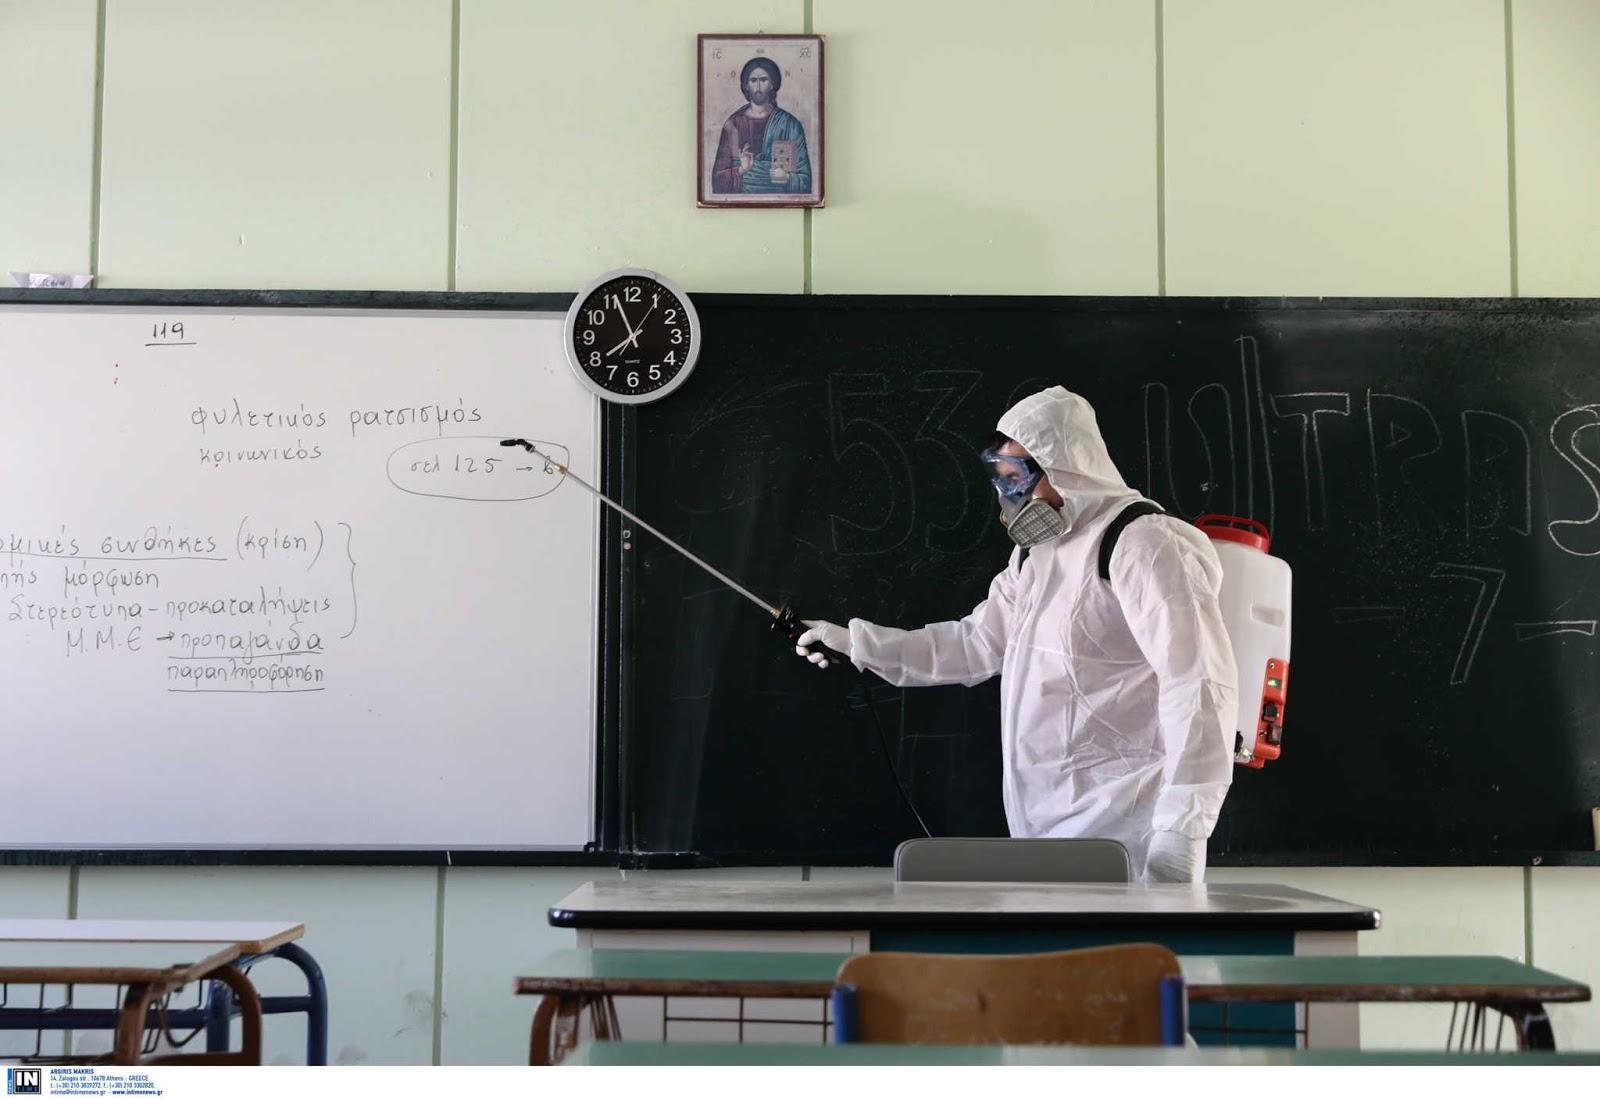 Σχολεία: Επιστροφή στα θρανία με υποχρεωτική μάσκα και διαφορετικά διαλείμματα